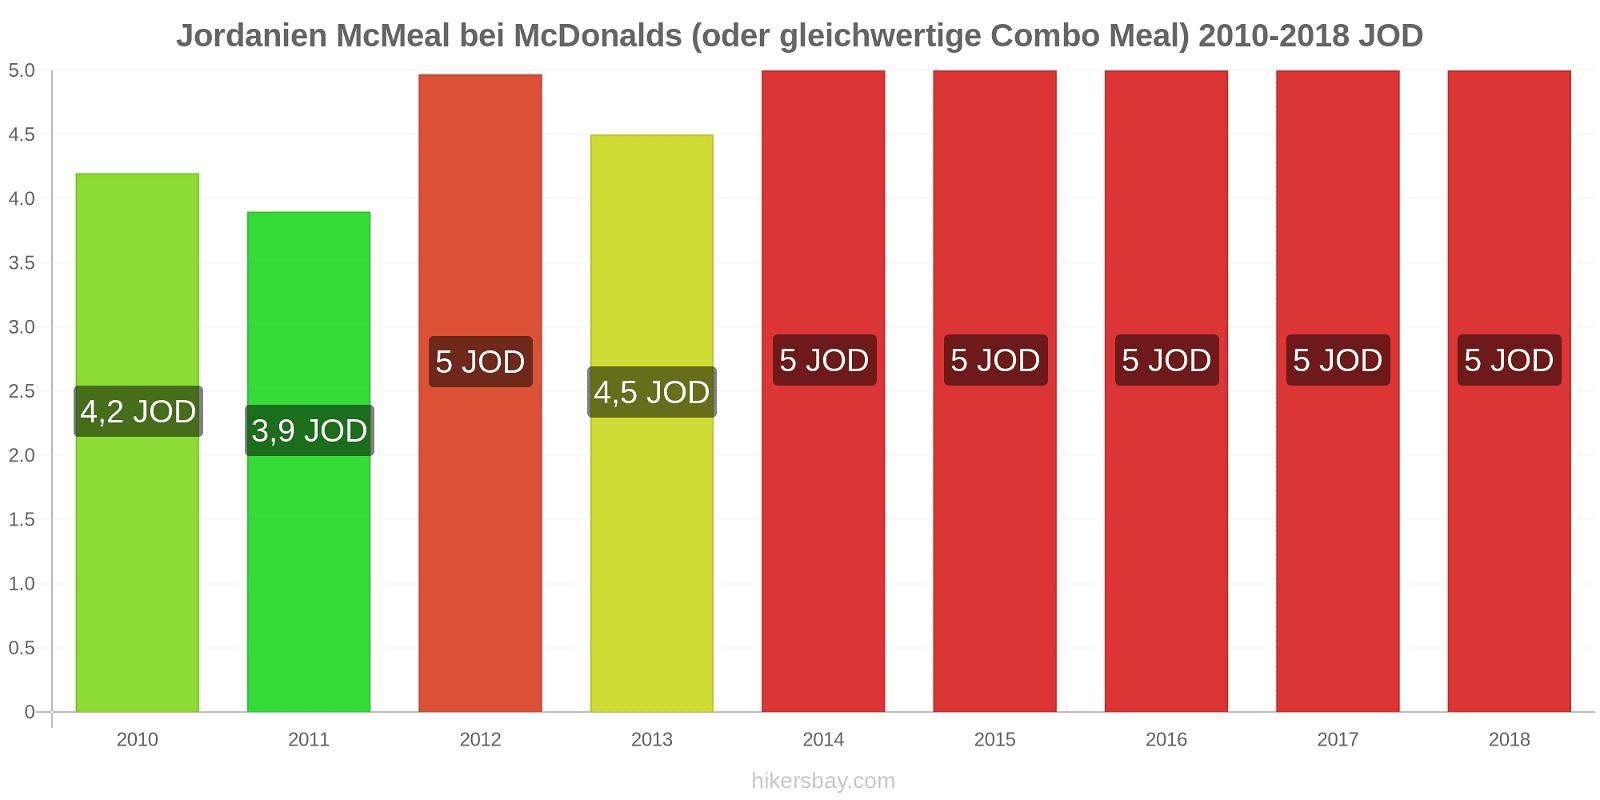 Jordanien Preisänderungen McMeal bei McDonalds (oder gleichwertige Combo Meal) hikersbay.com